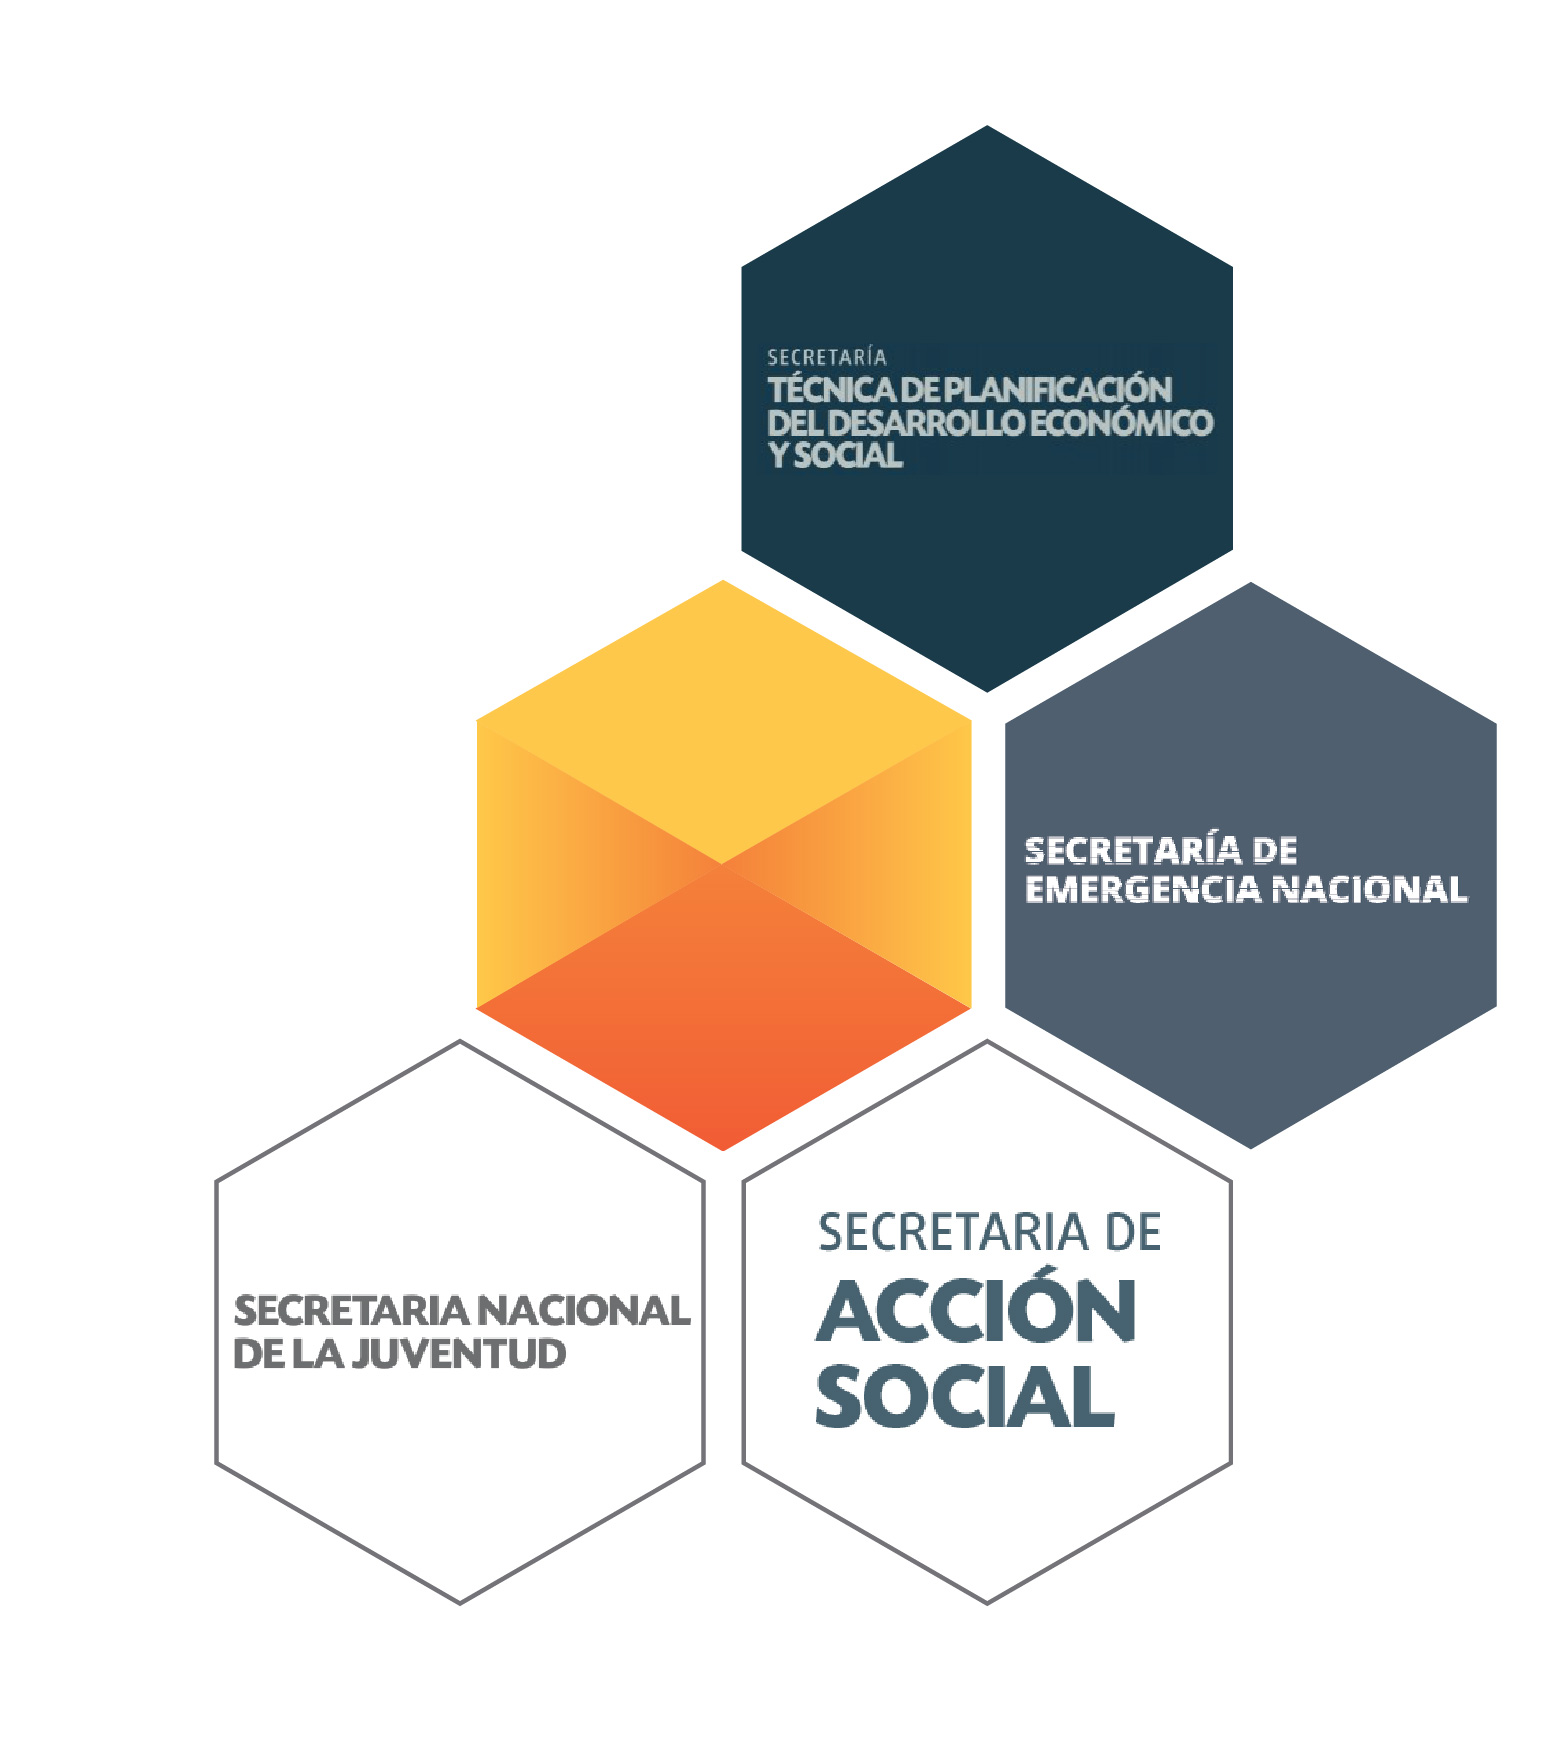 Secretaría de la Juventud, Secretaria de Acción Social imagen